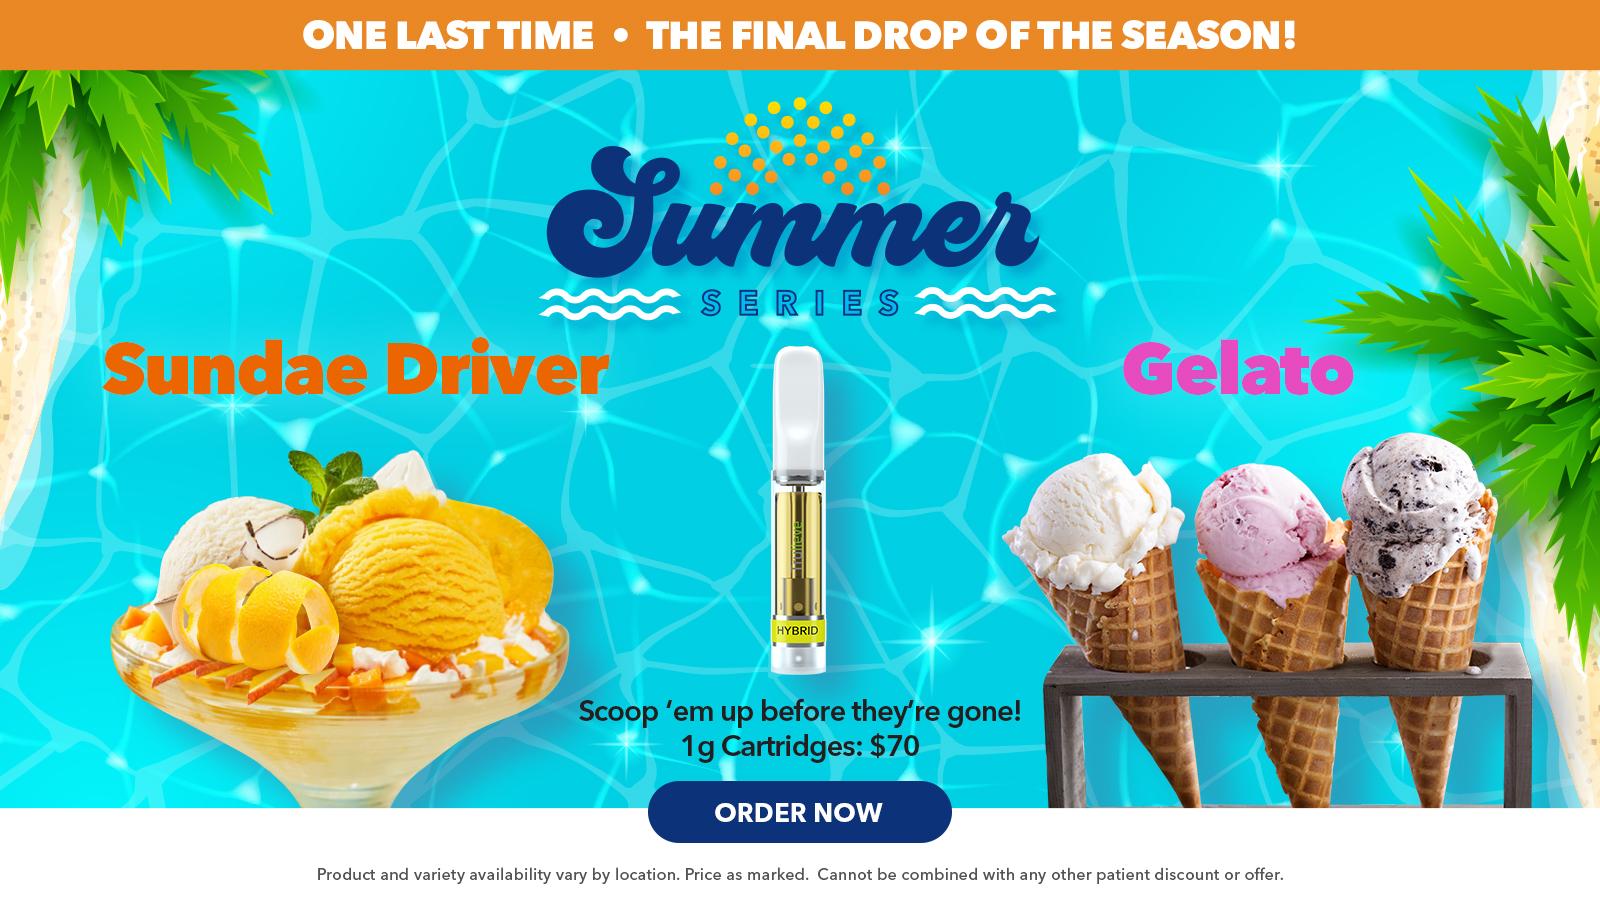 07/31 Final Summer Series Drop